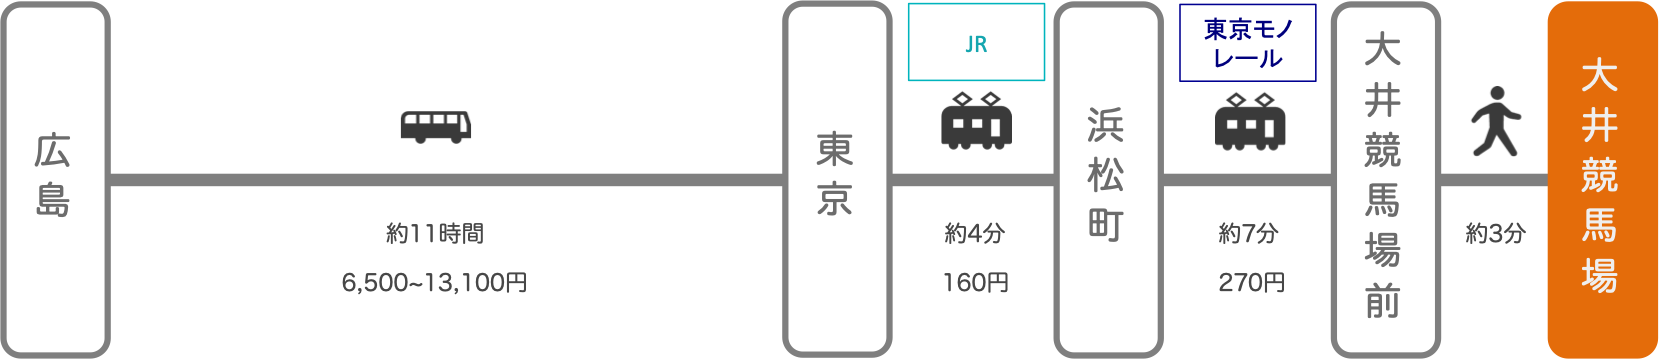 大井競馬場_広島_高速バス